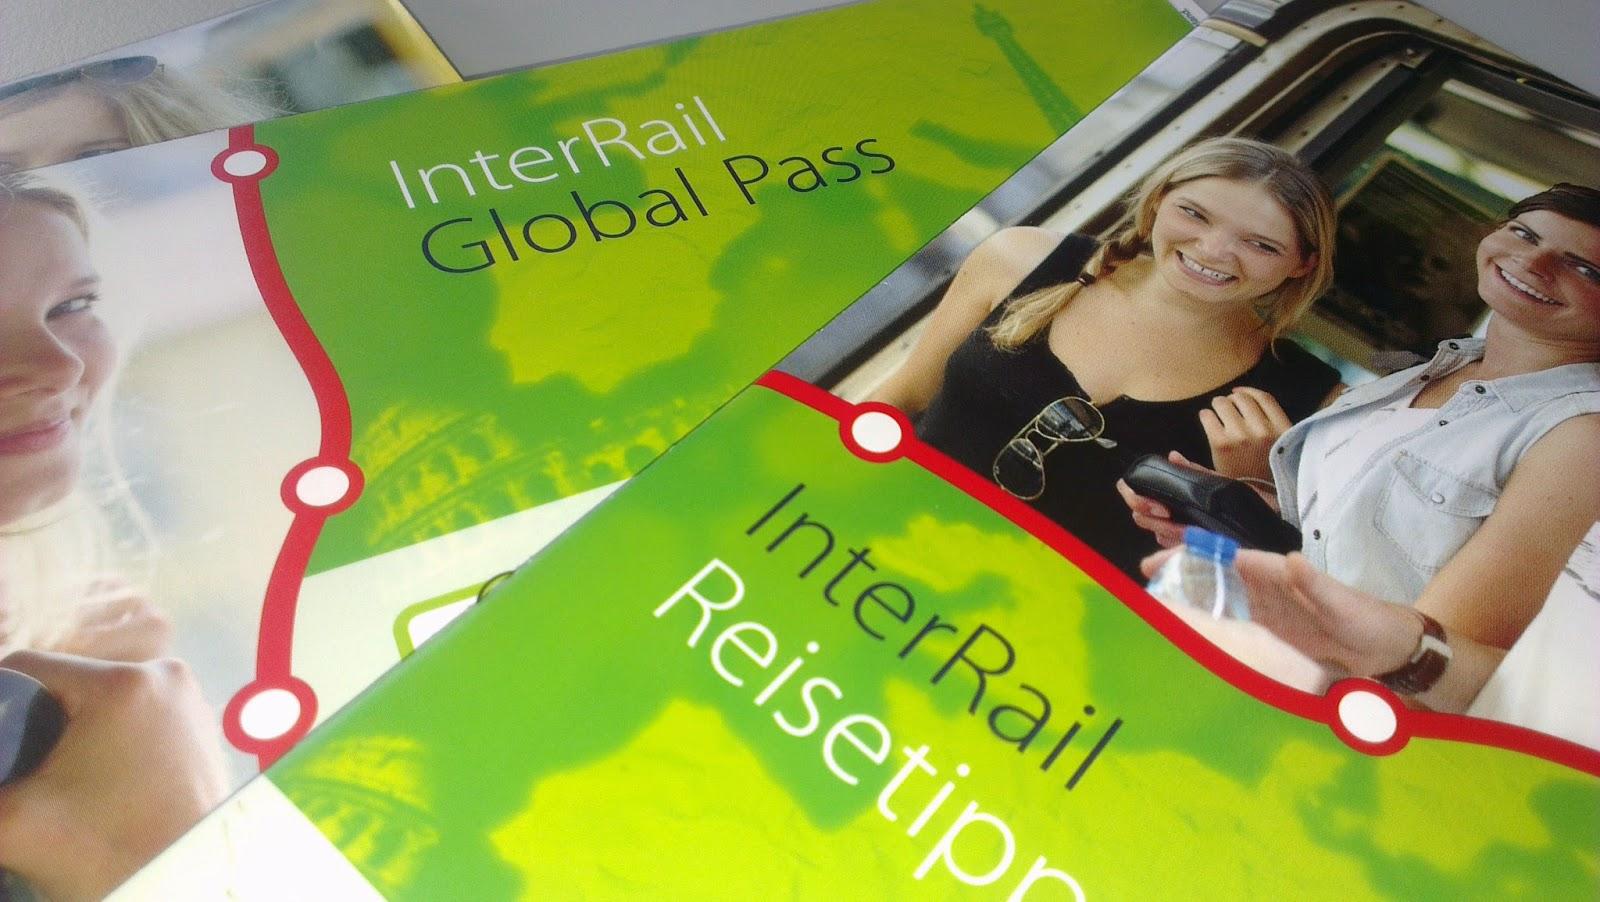 Interrail Pass und Reiseinfos